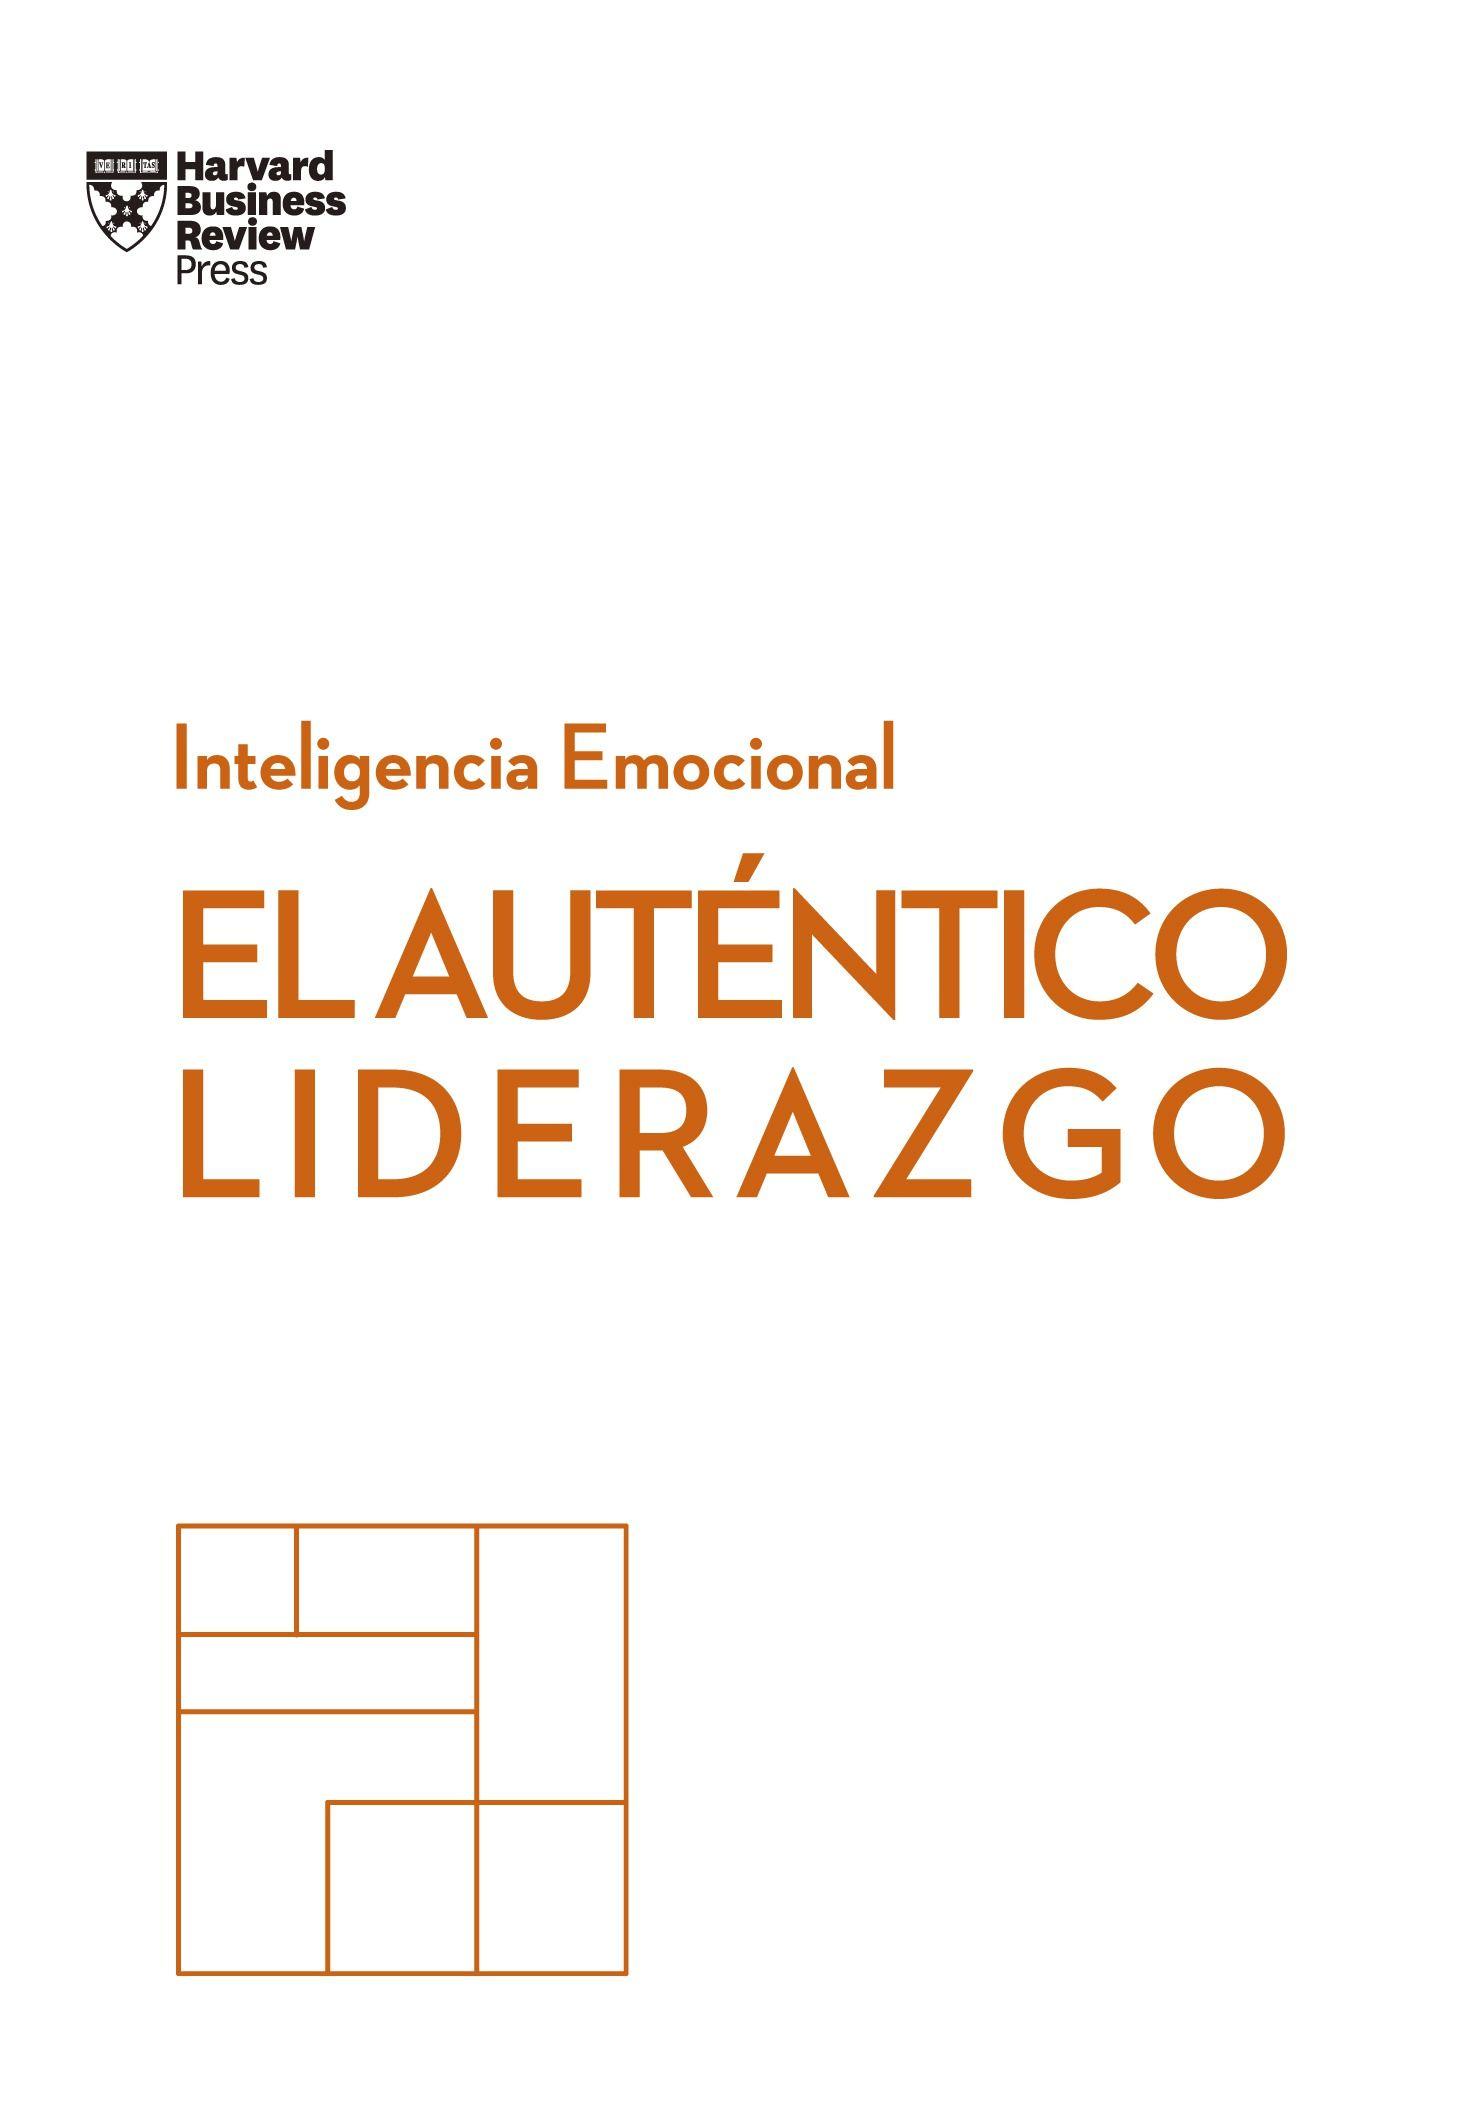 AUTENTICO LIDERAZGO SERIE INTELIGENCIA EMOCIONAL HBR EL